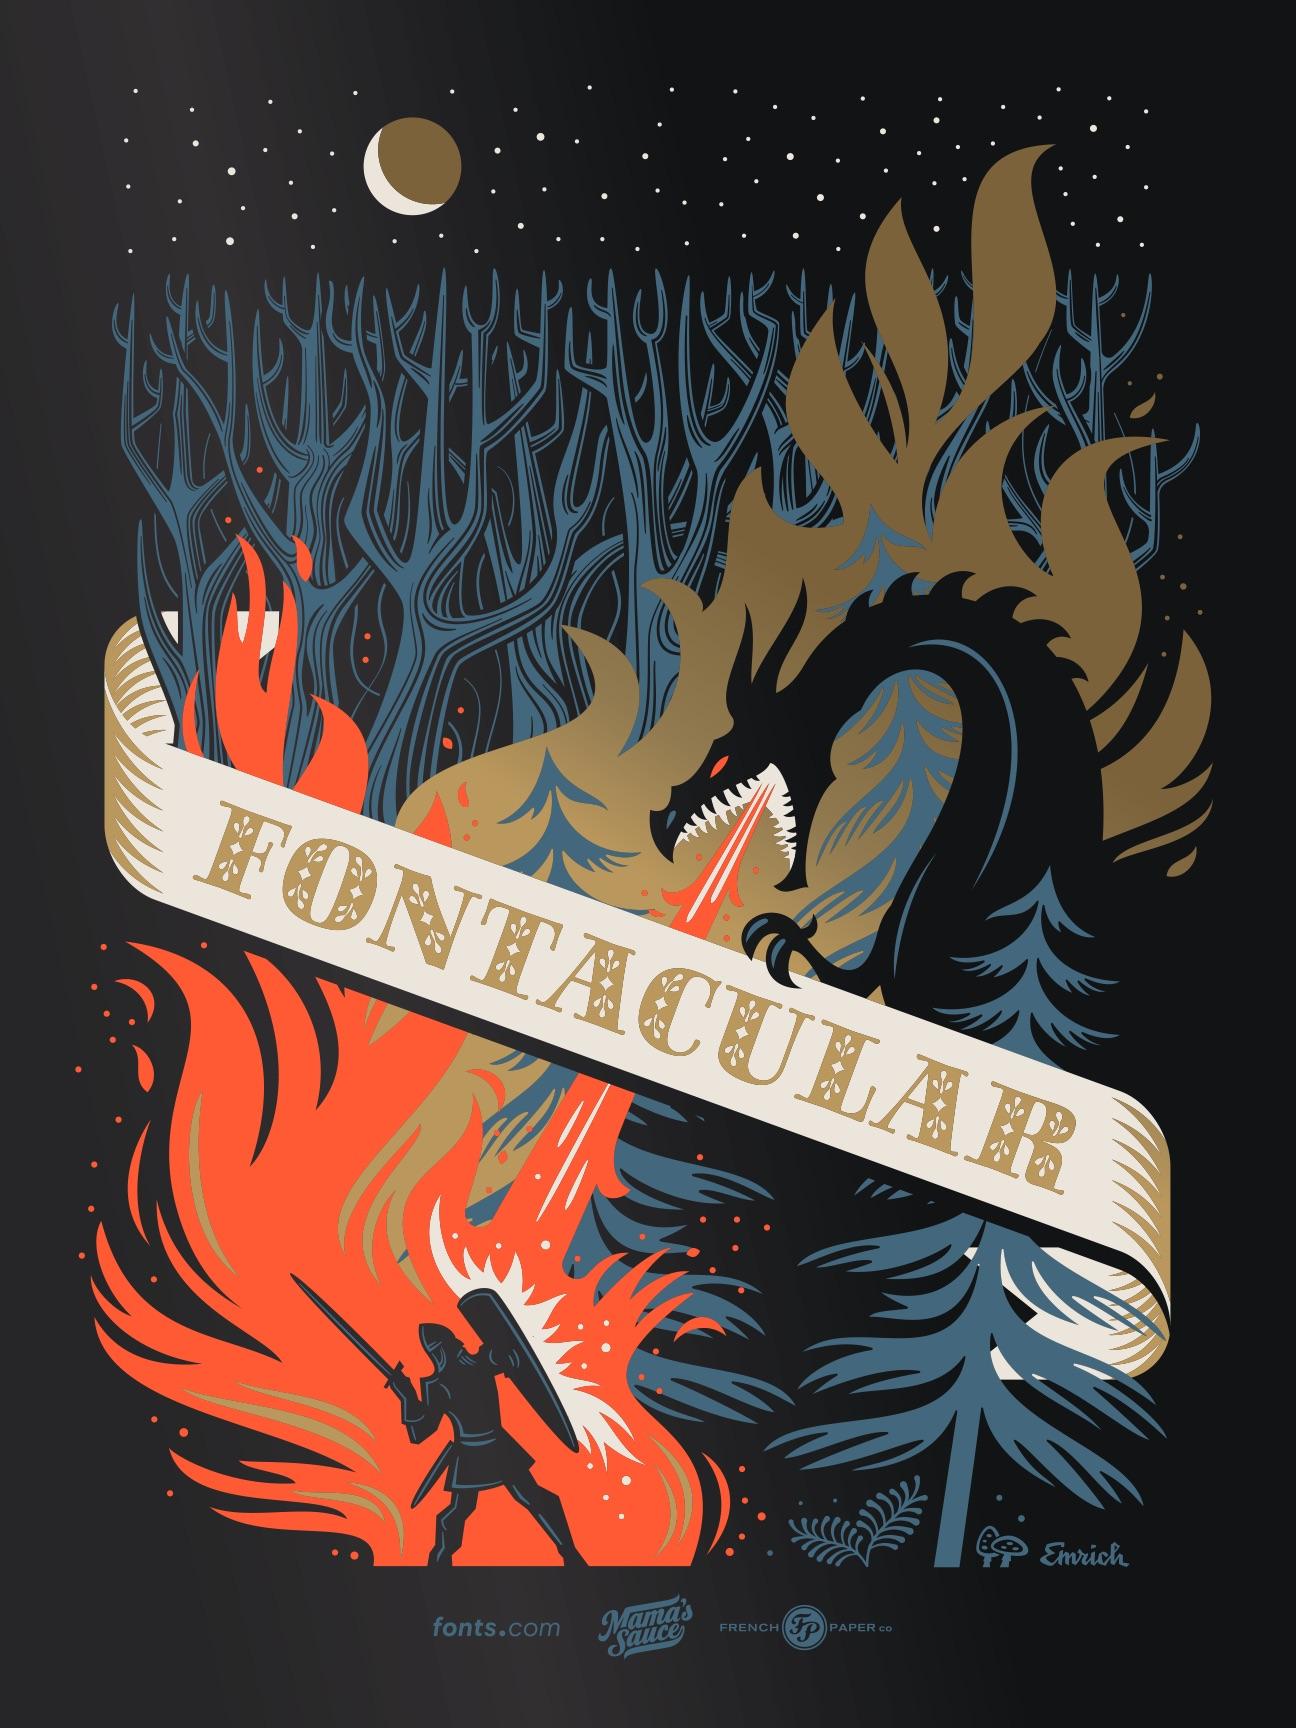 fontacular poster design